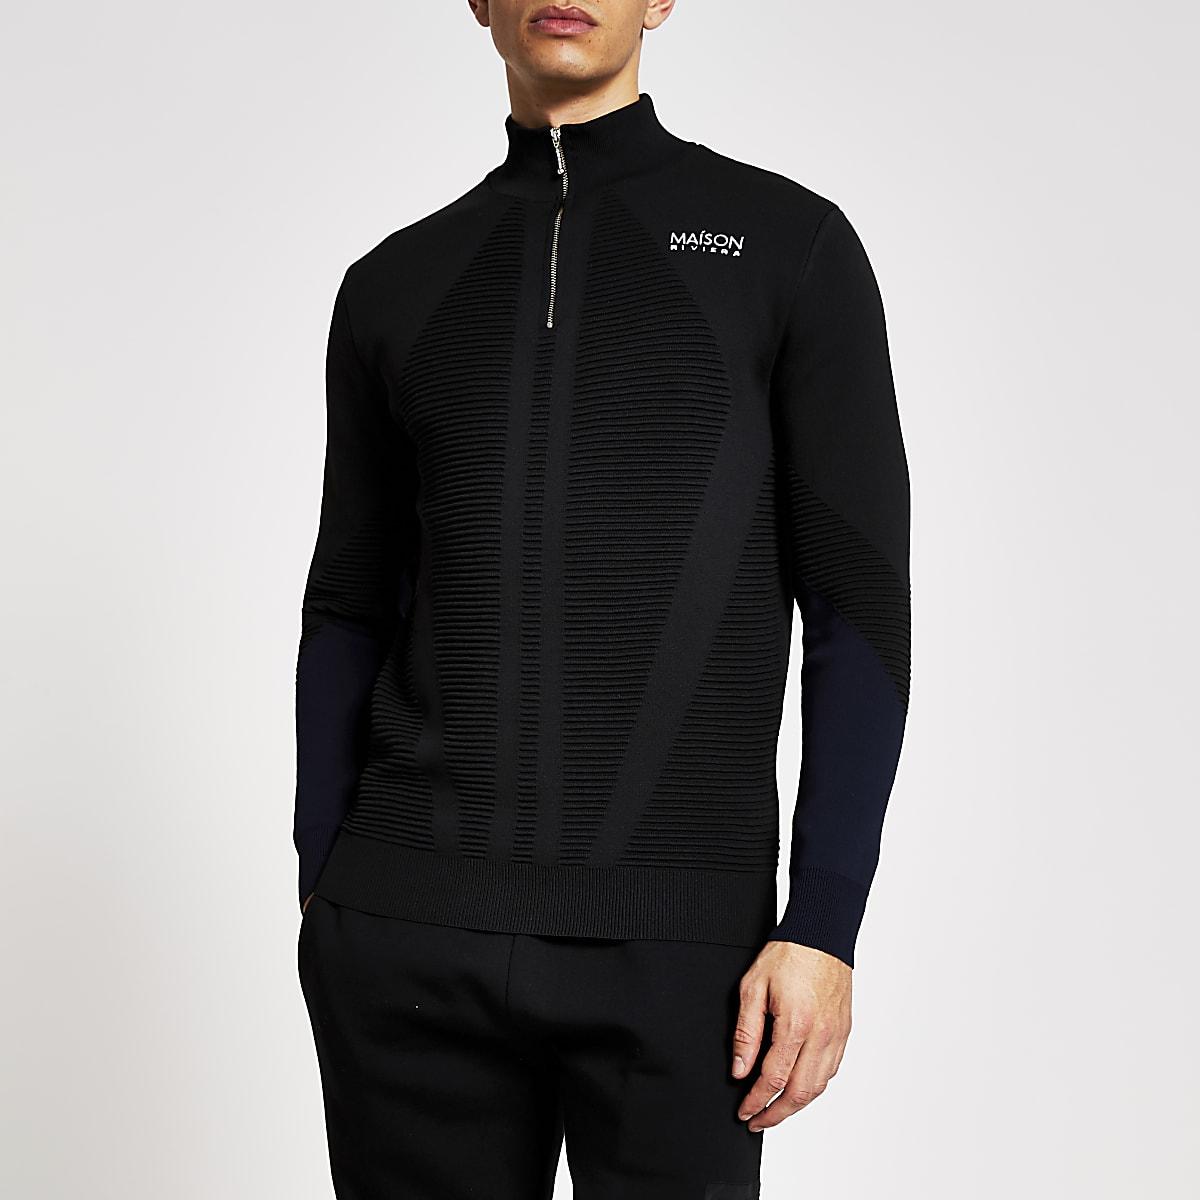 Black slim fit Maison Riviera zip neck jumper